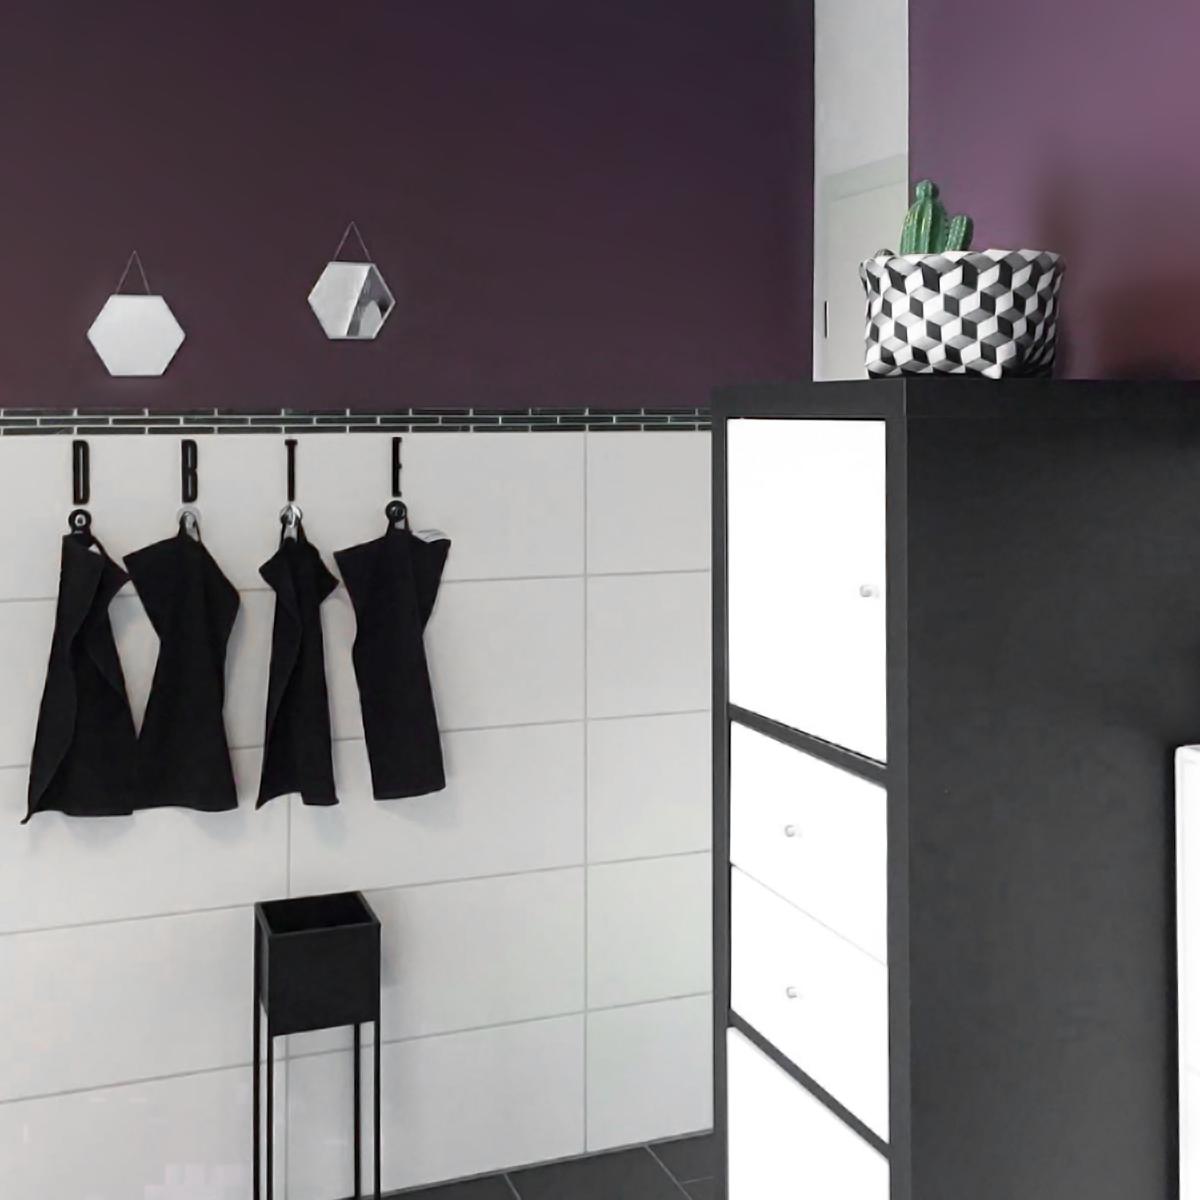 Was Ein Schones Neues Bad Mit Canary Wharf Toll Gemacht Bianca My Homestory Schoner Wohnen Farbe Bad Deko Ideen Neues Bad